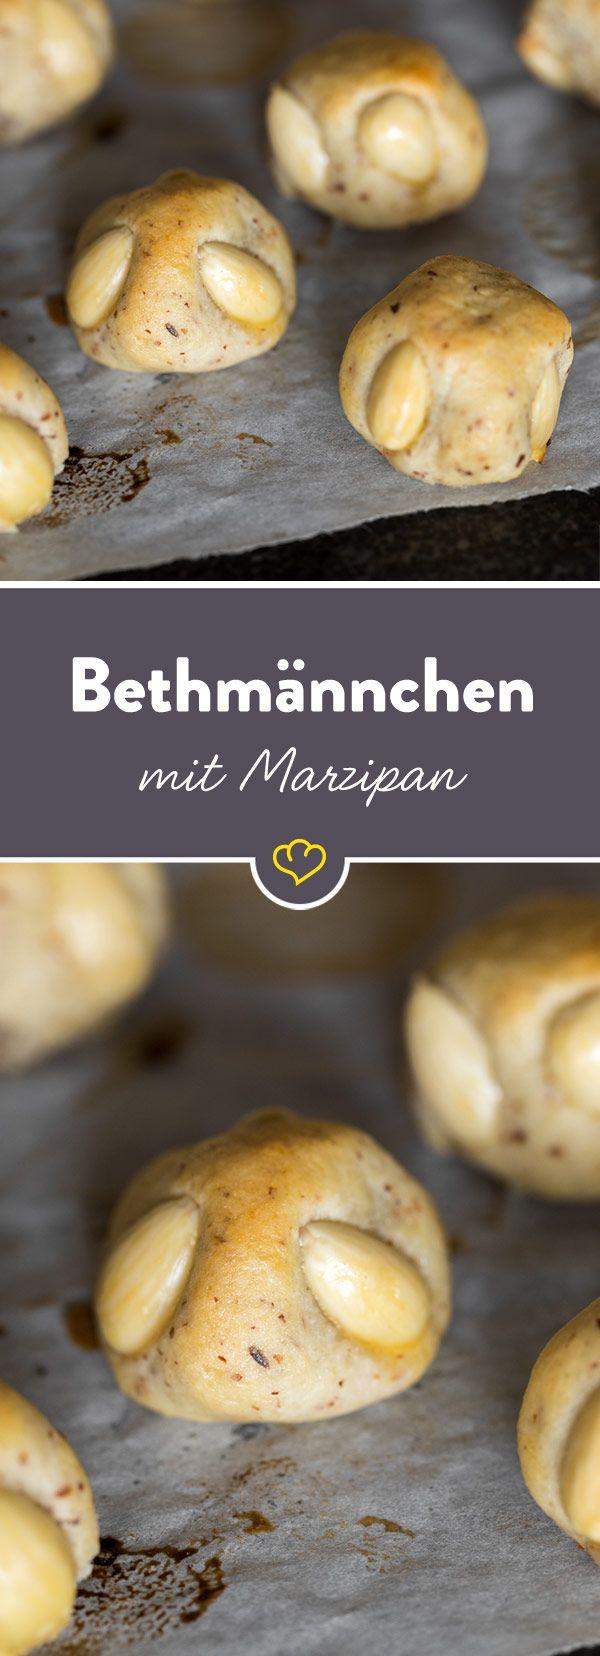 Bethmännchen - ein Muss für jeden Marzipanliebhaber. Innen weich und außen mürbe - Bethmännchen sind nicht nur in Frankfurt eine Institution.